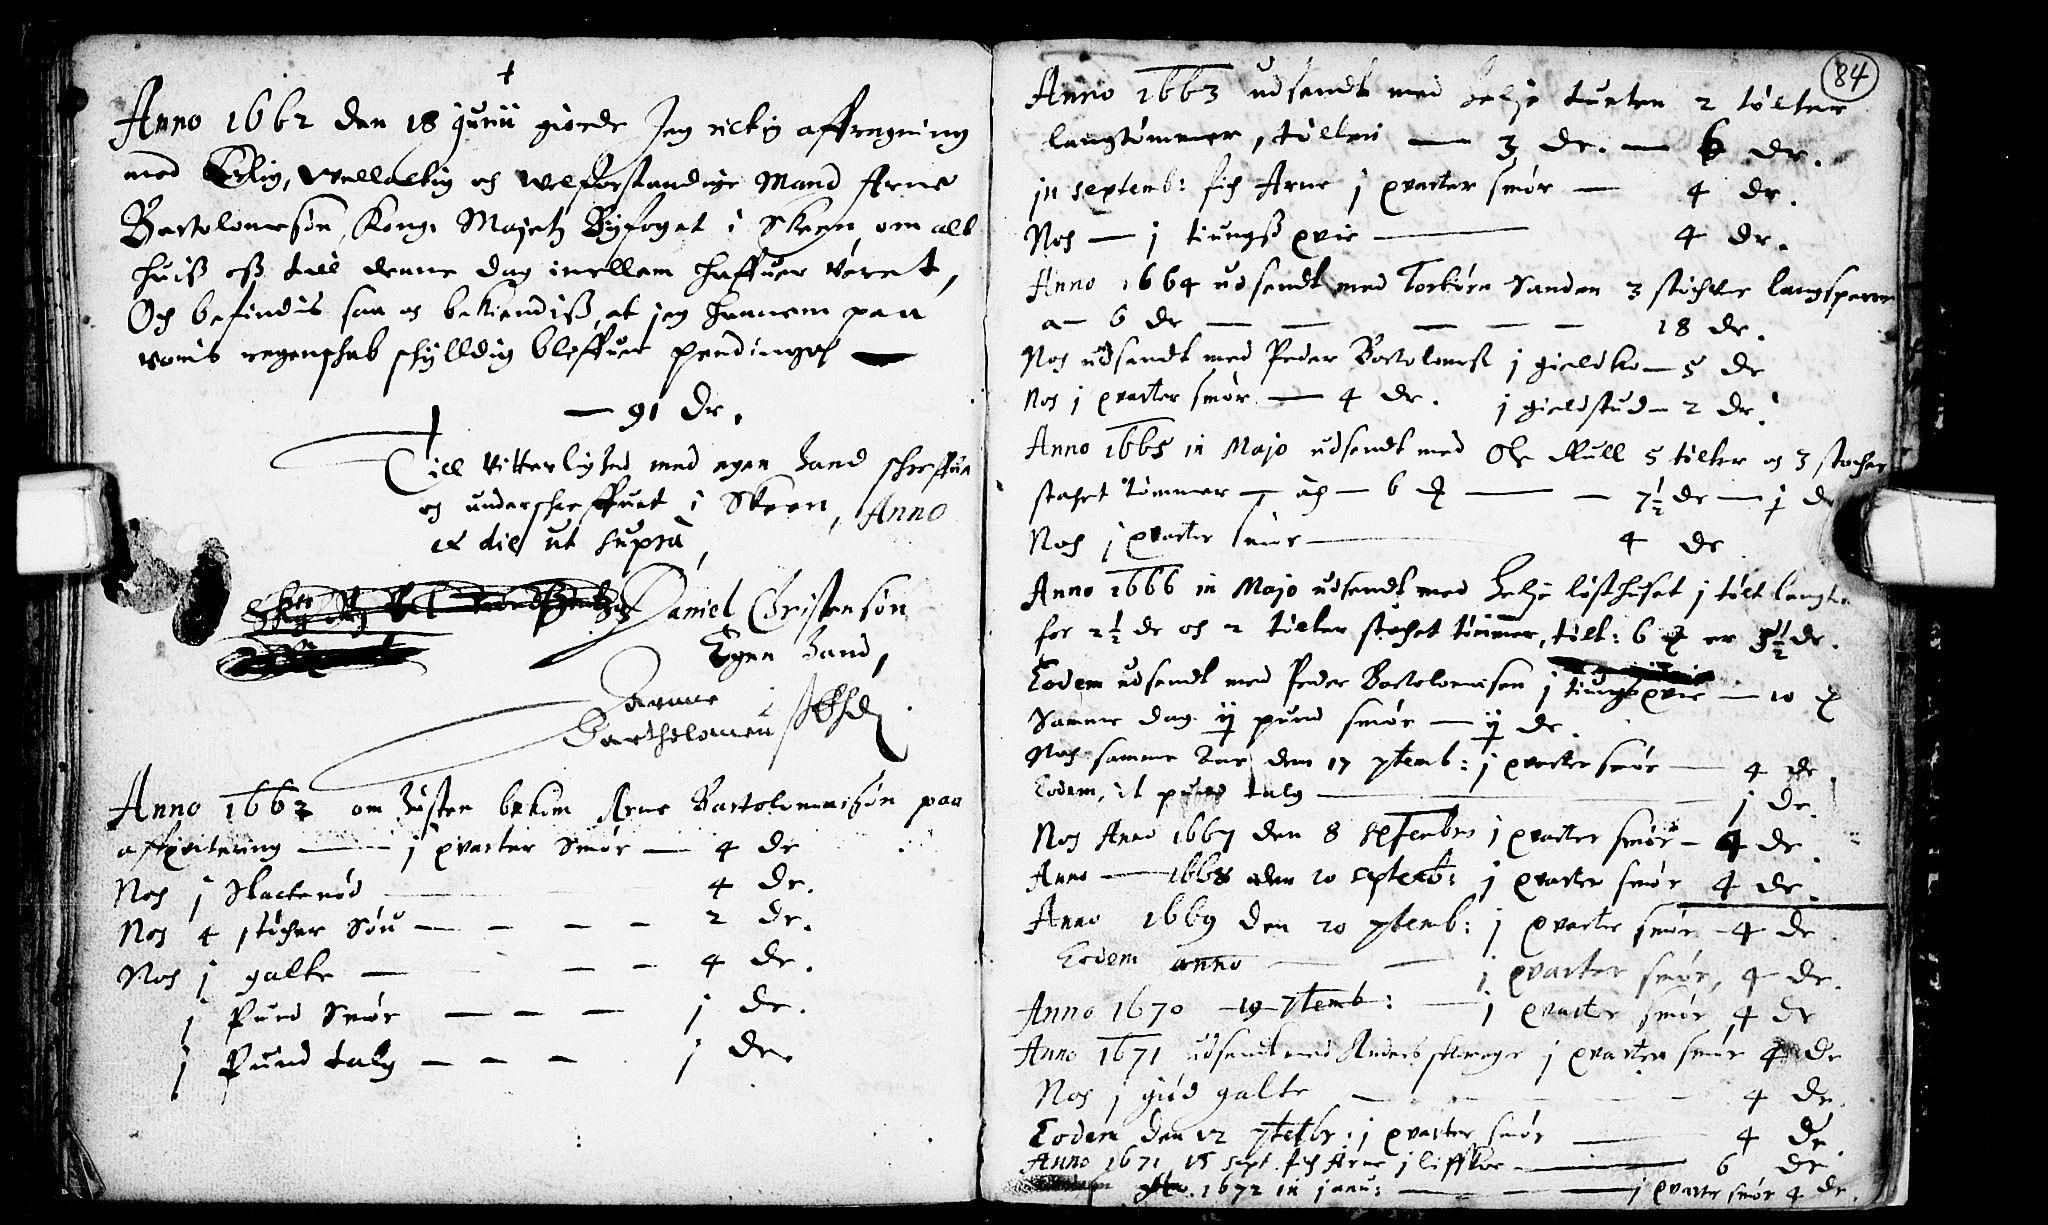 SAKO, Heddal kirkebøker, F/Fa/L0001: Ministerialbok nr. I 1, 1648-1699, s. 84